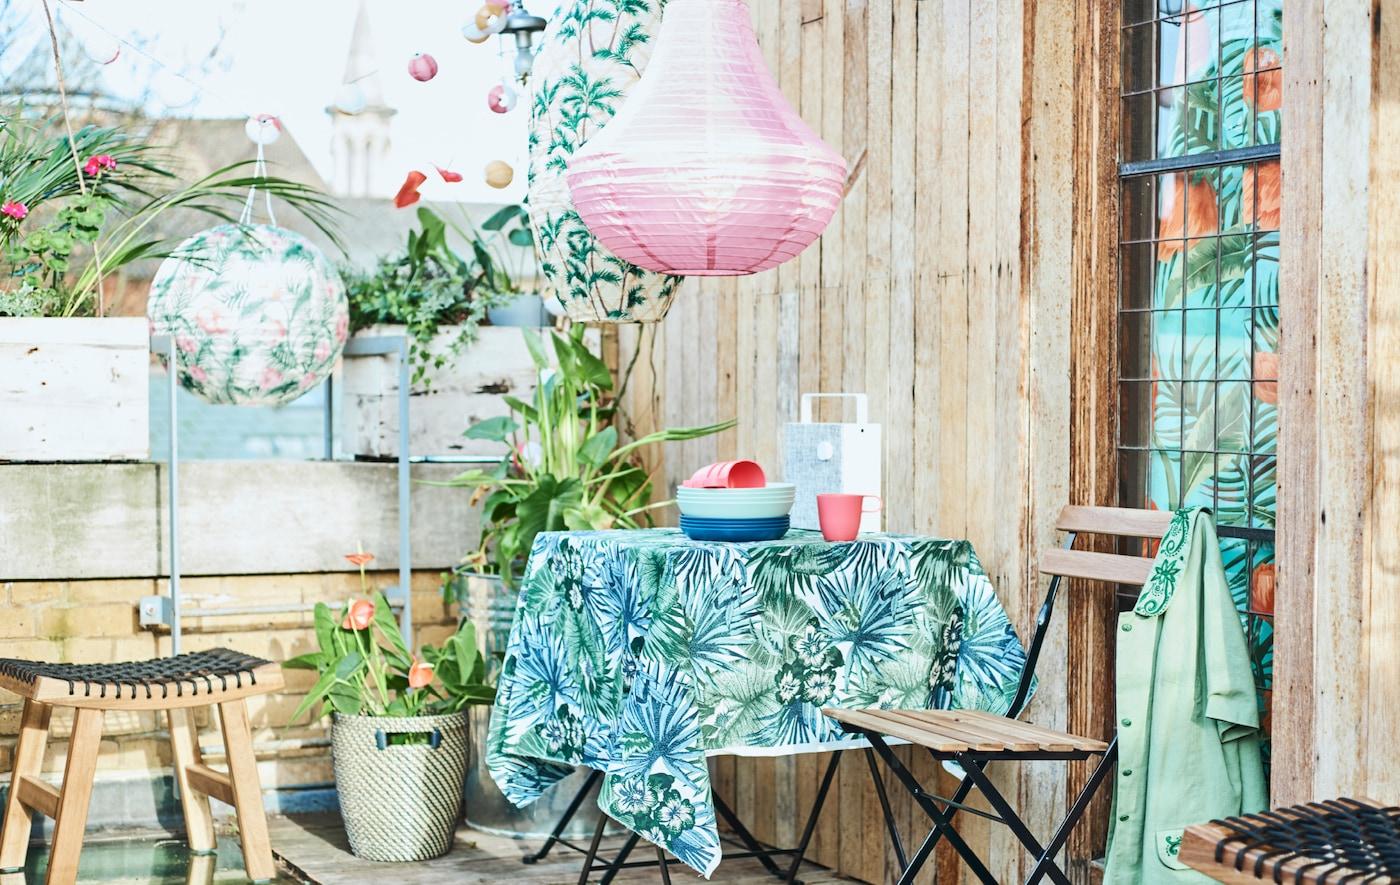 Városi tetőterasz, udvarral, levélmintás méteráruval borított asztallal, összecsukható székekkel, cserepes növényekkel és színes lámpásokkal.